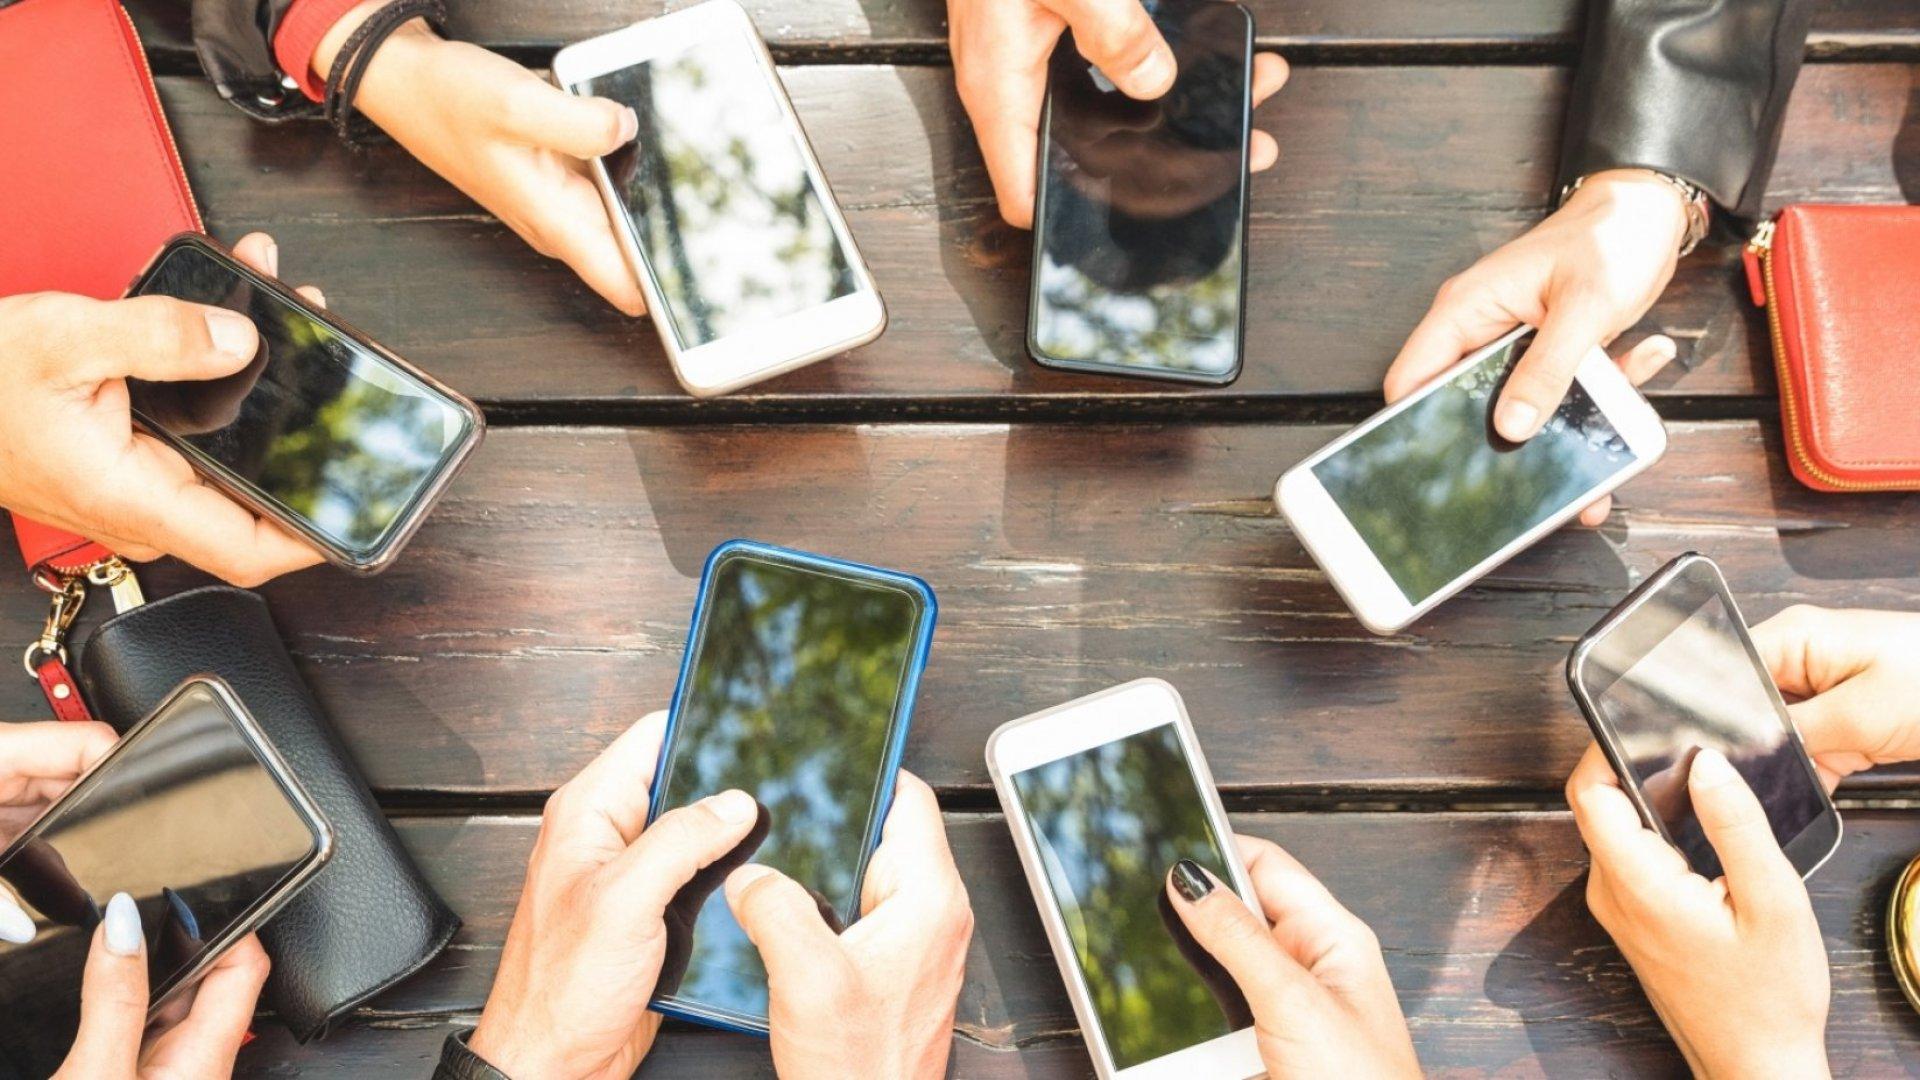 Исследование: 89% взаимодействий со смартфоном начинают сами пользователи, а не уведомления приложений